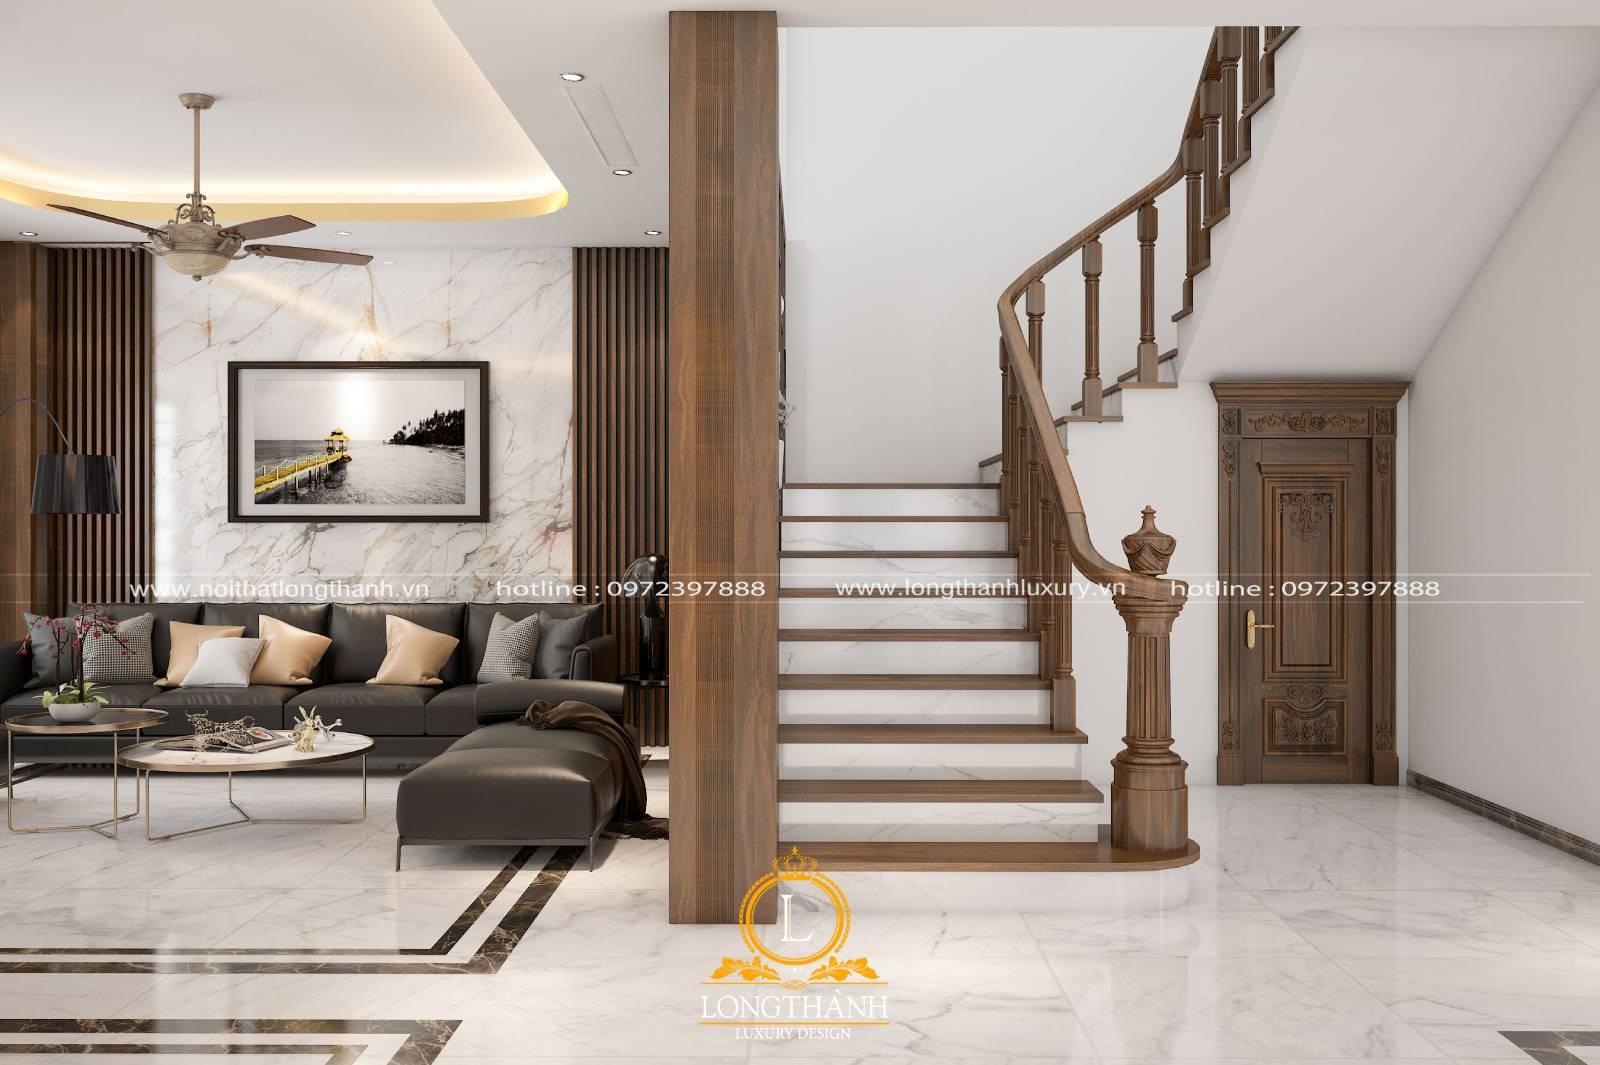 Cầu thang chính đi lại trong ngôi nhà thường có nhiều bậc